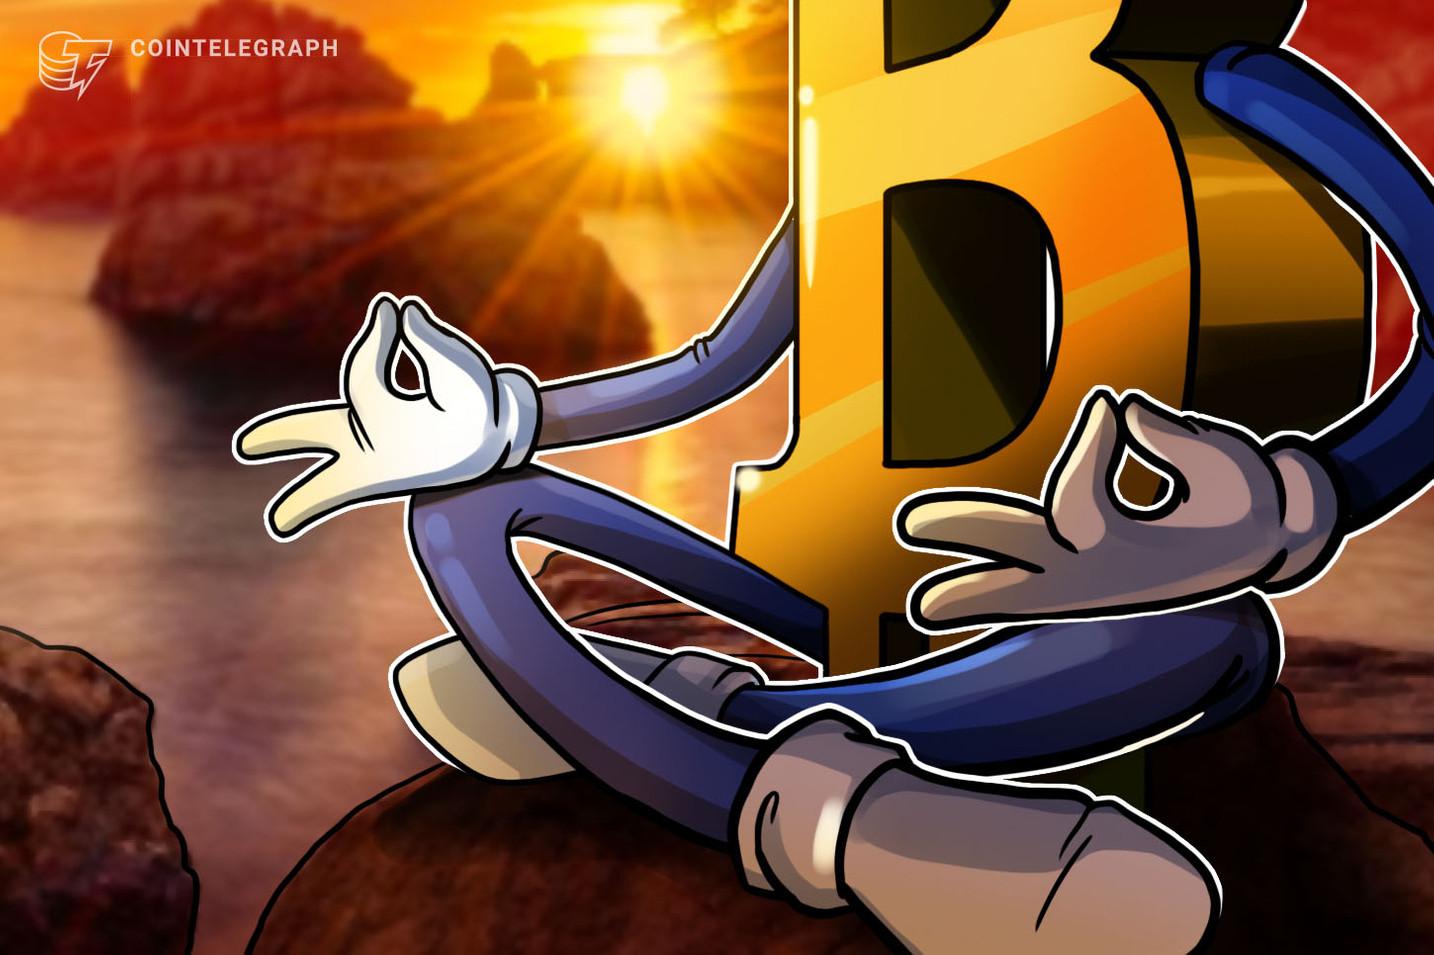 'Bitcoin não é tão volátil quanto o público em geral pensa', diz relatório